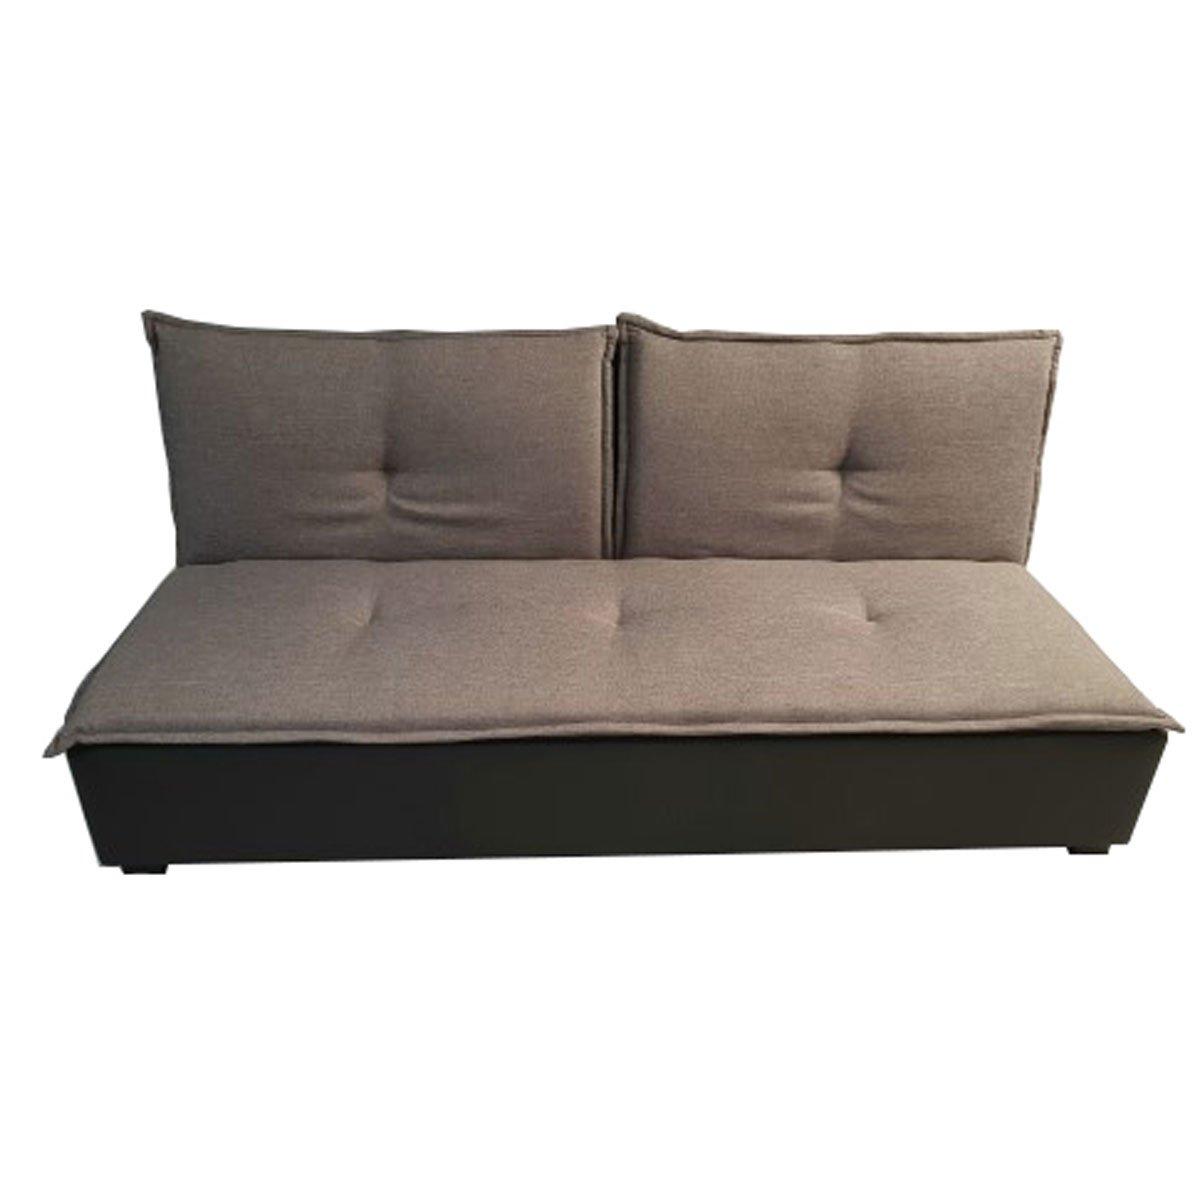 Home Nature sofá cama lino piel gris   SEARS.COM.MX - Me entiende!